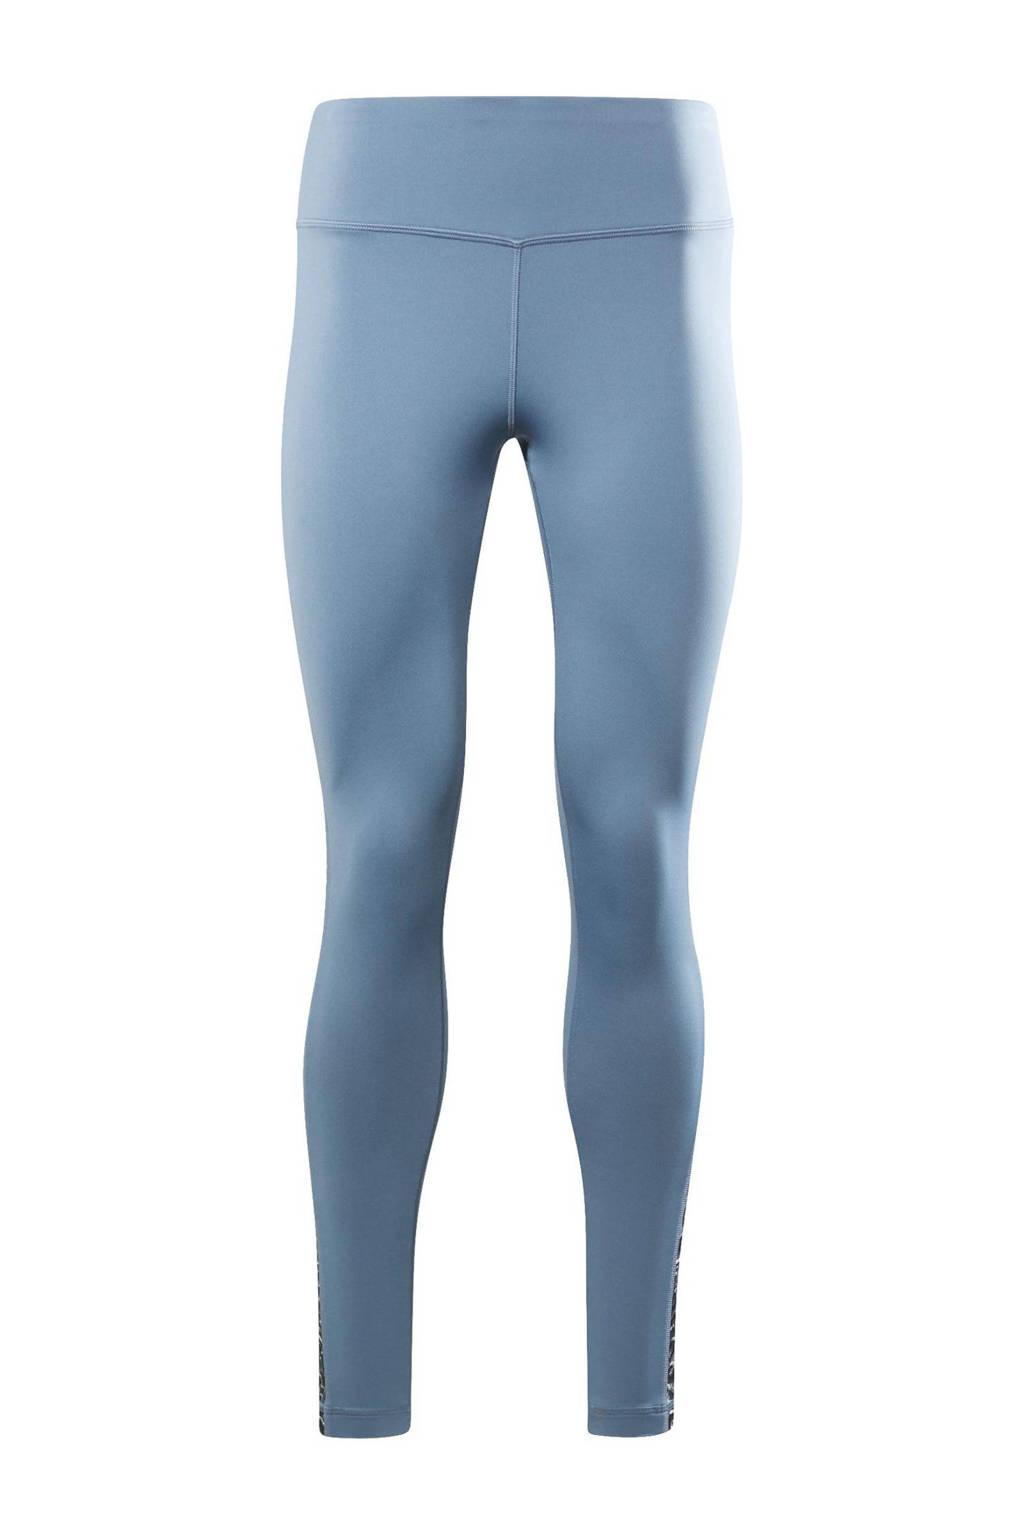 Reebok Training sportlegging grijsblauw/grijs, Grijsblauw/Grijs